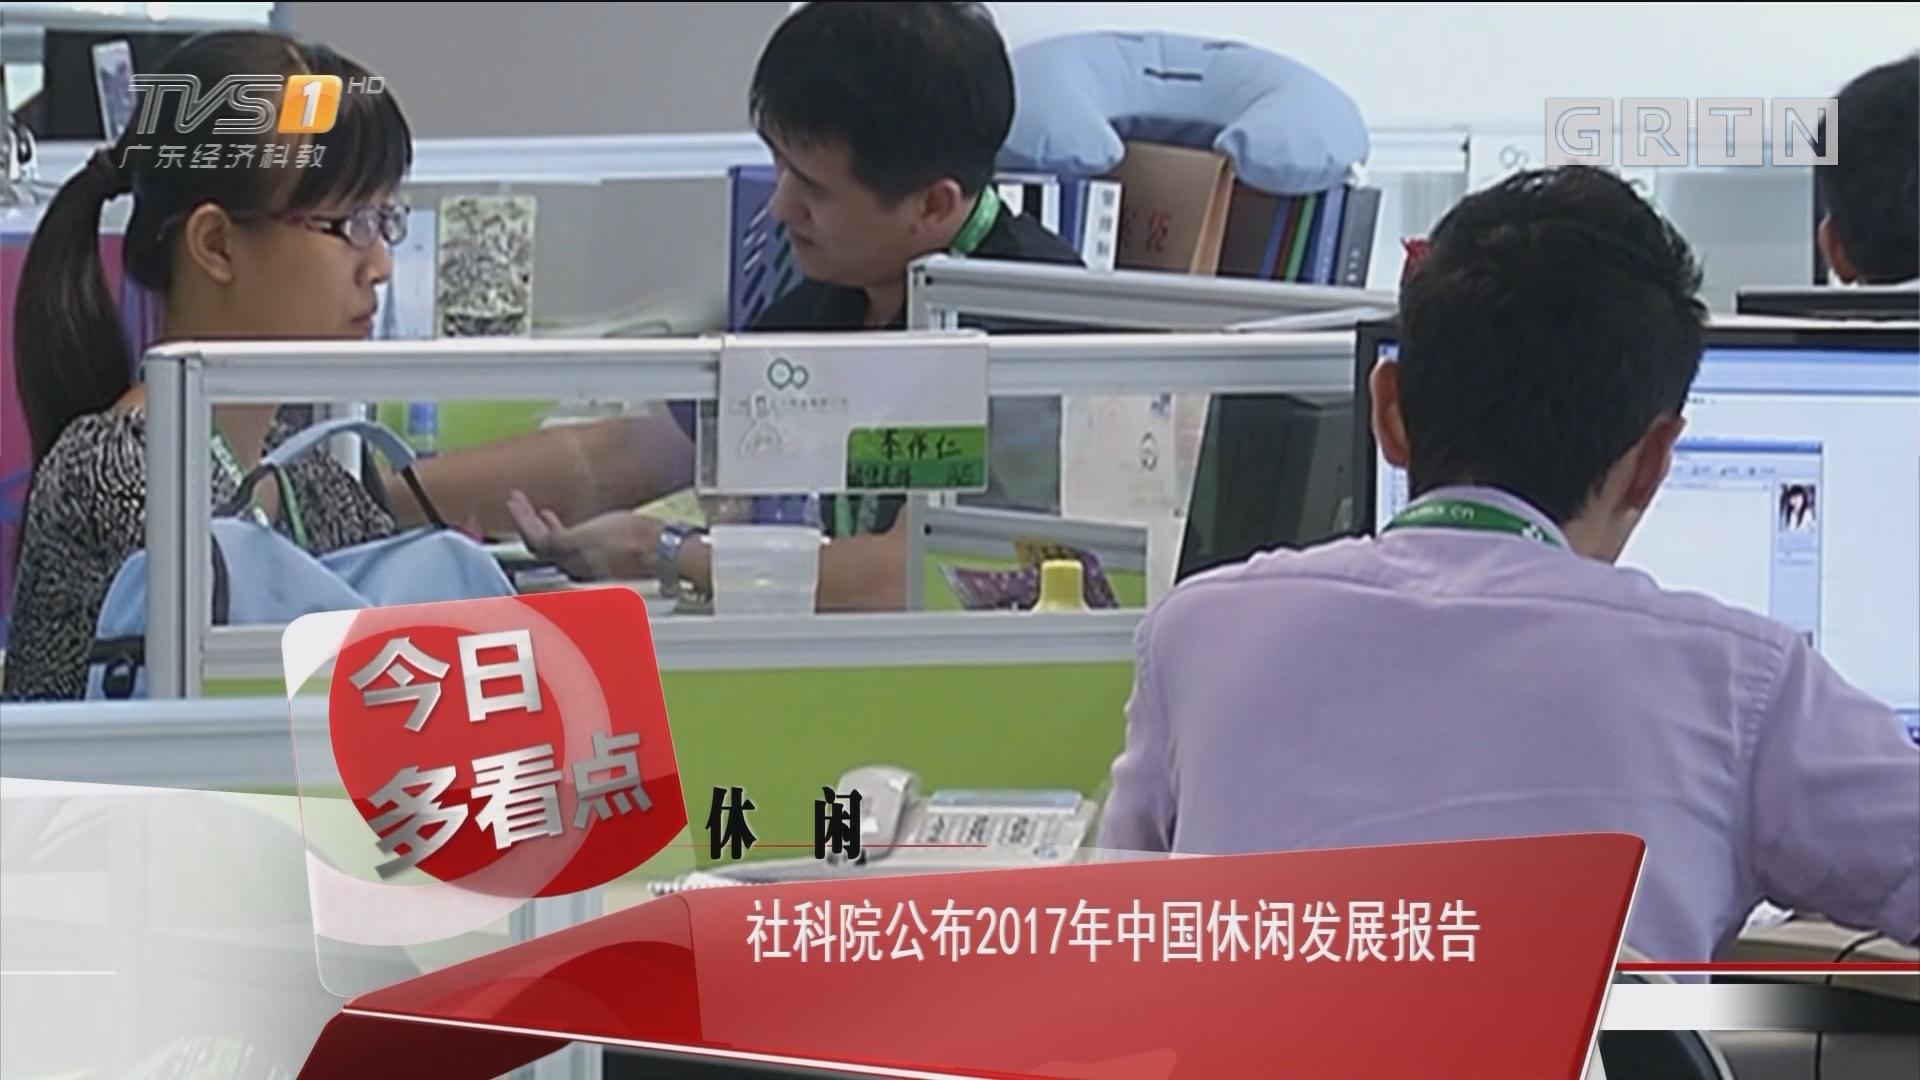 休闲:社科院公布2017年中国休闲发展报告